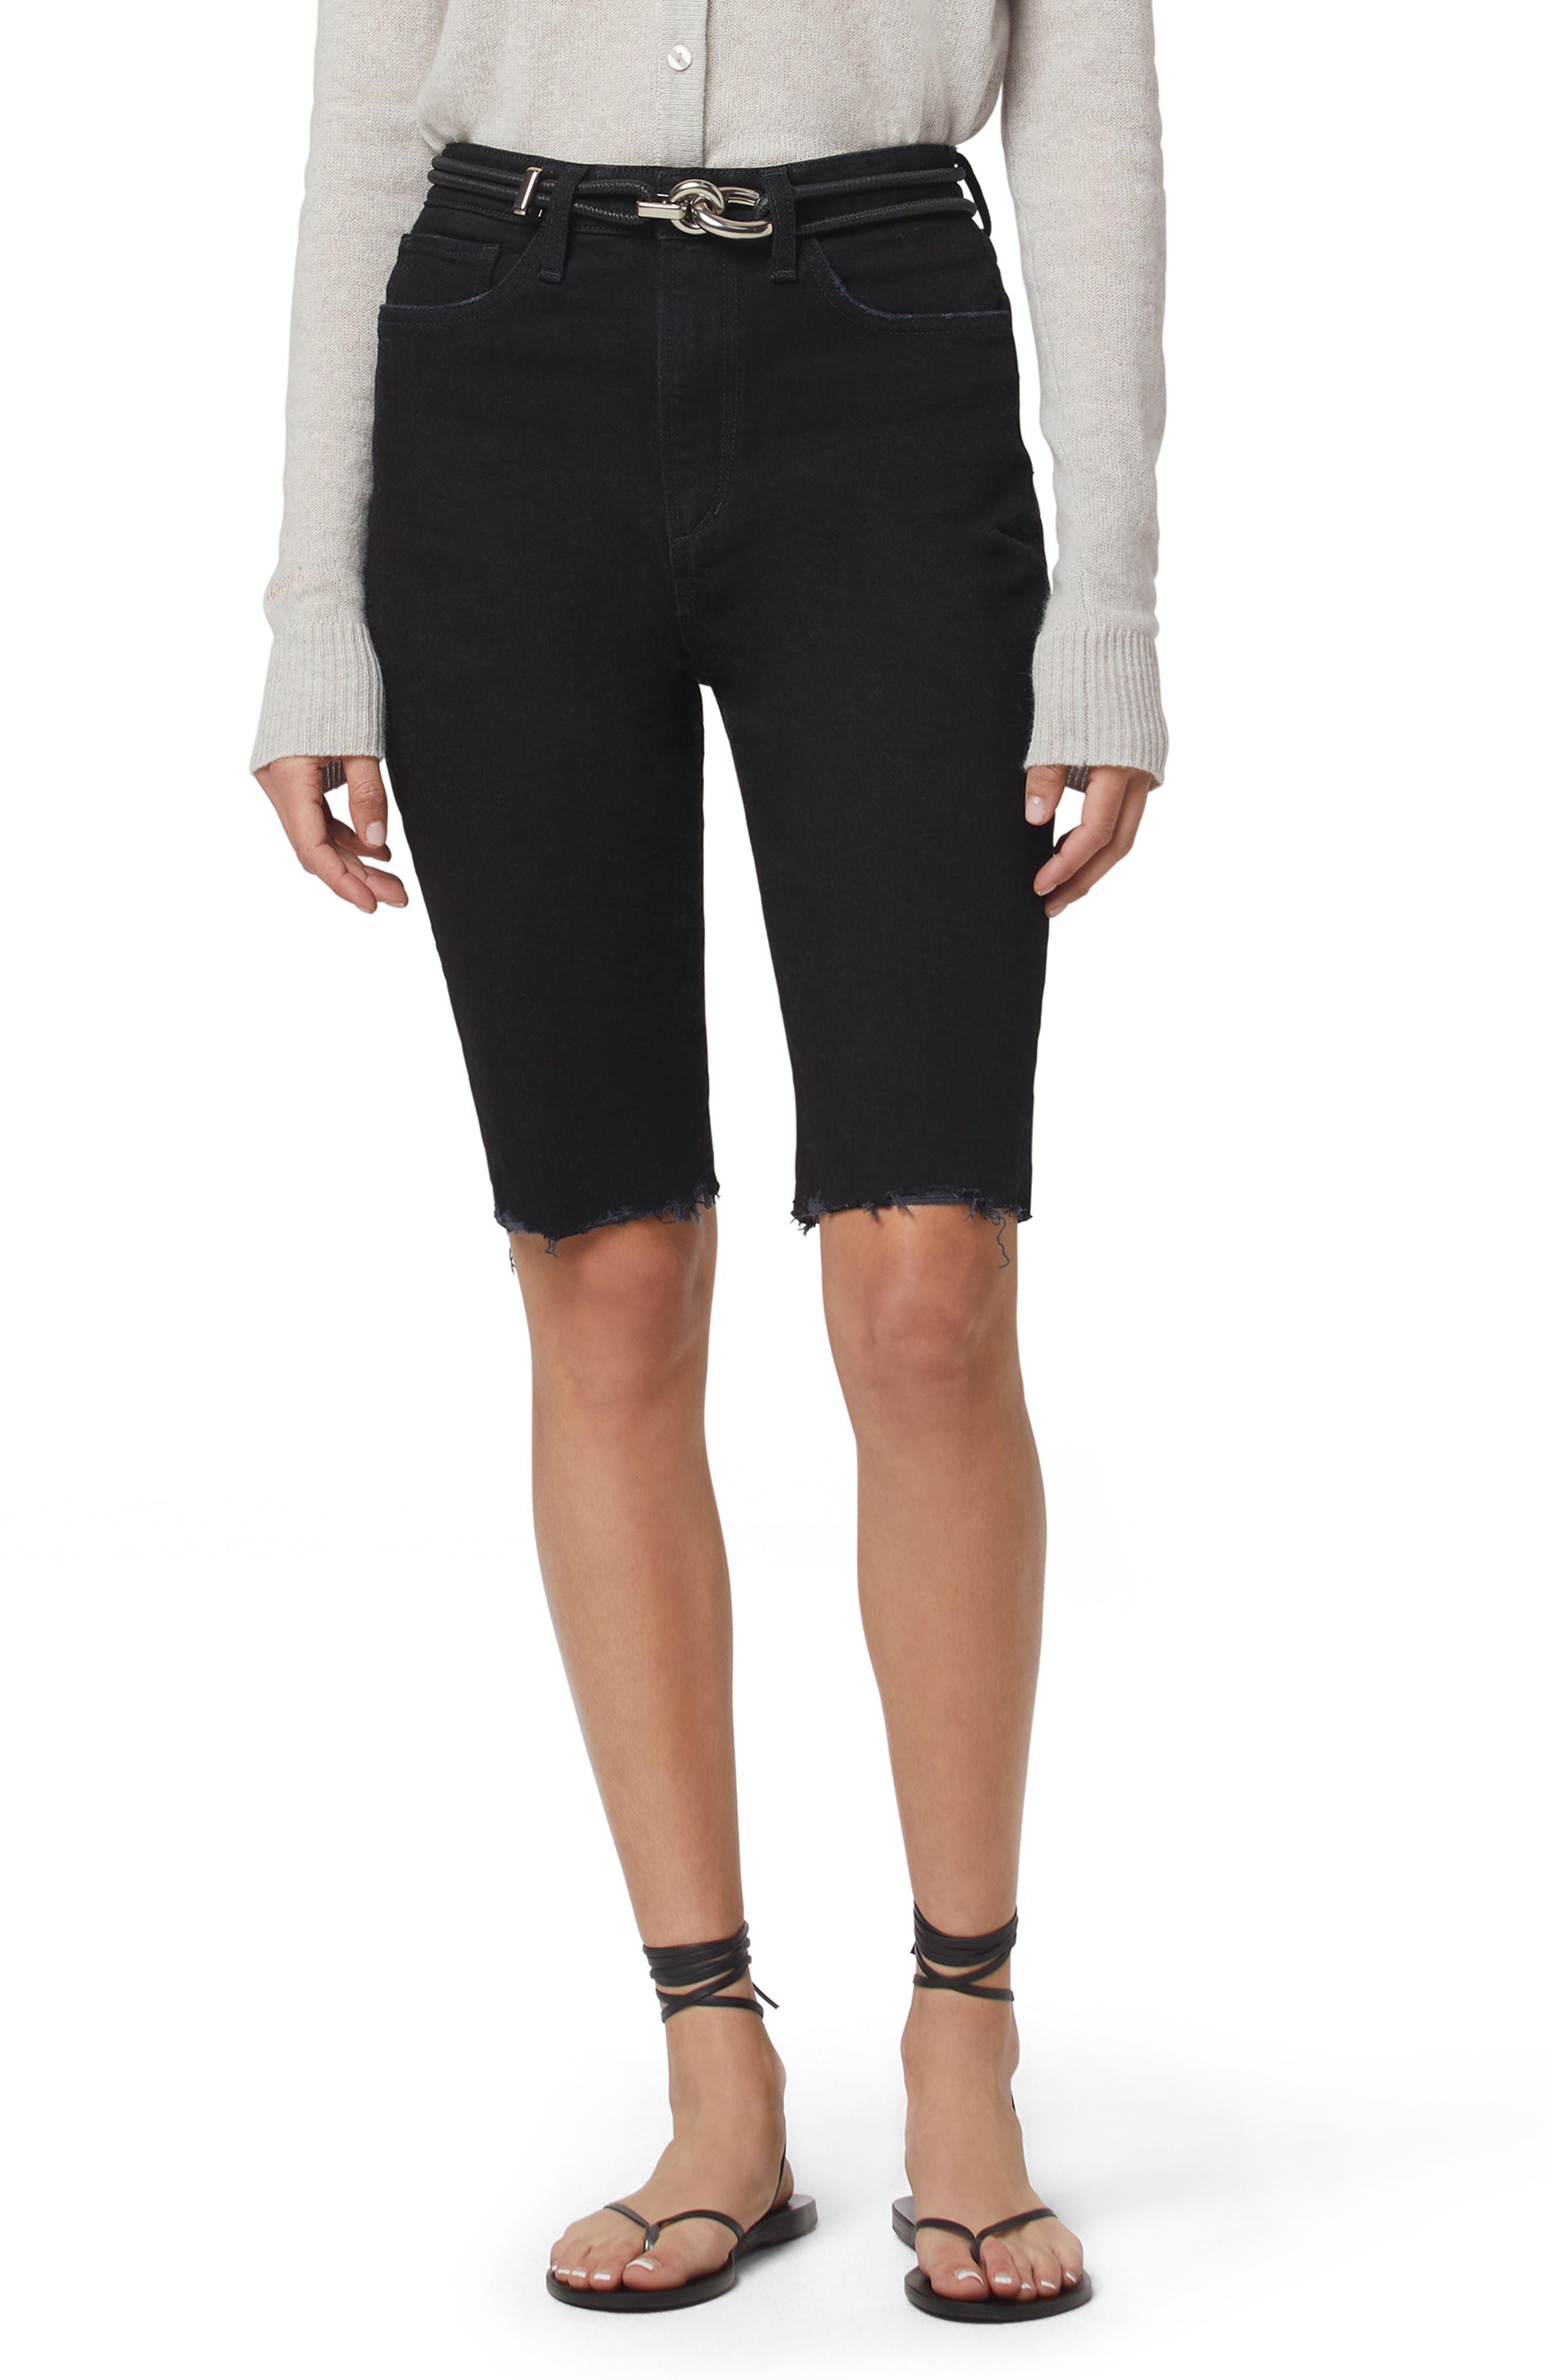 The Eva Long Slim Denim Shorts